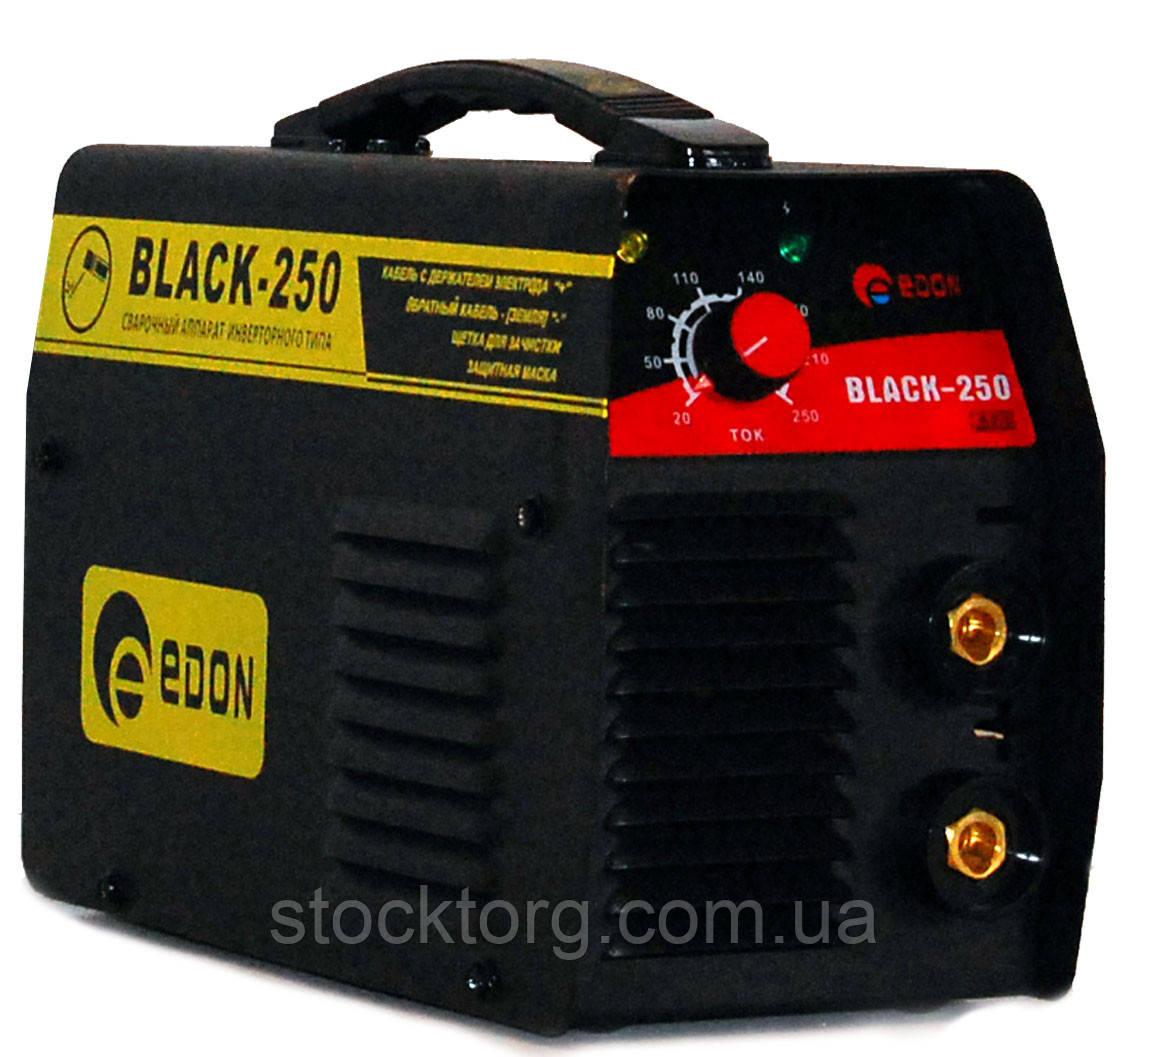 Інвертор Зварювальний EDON BLACK-250